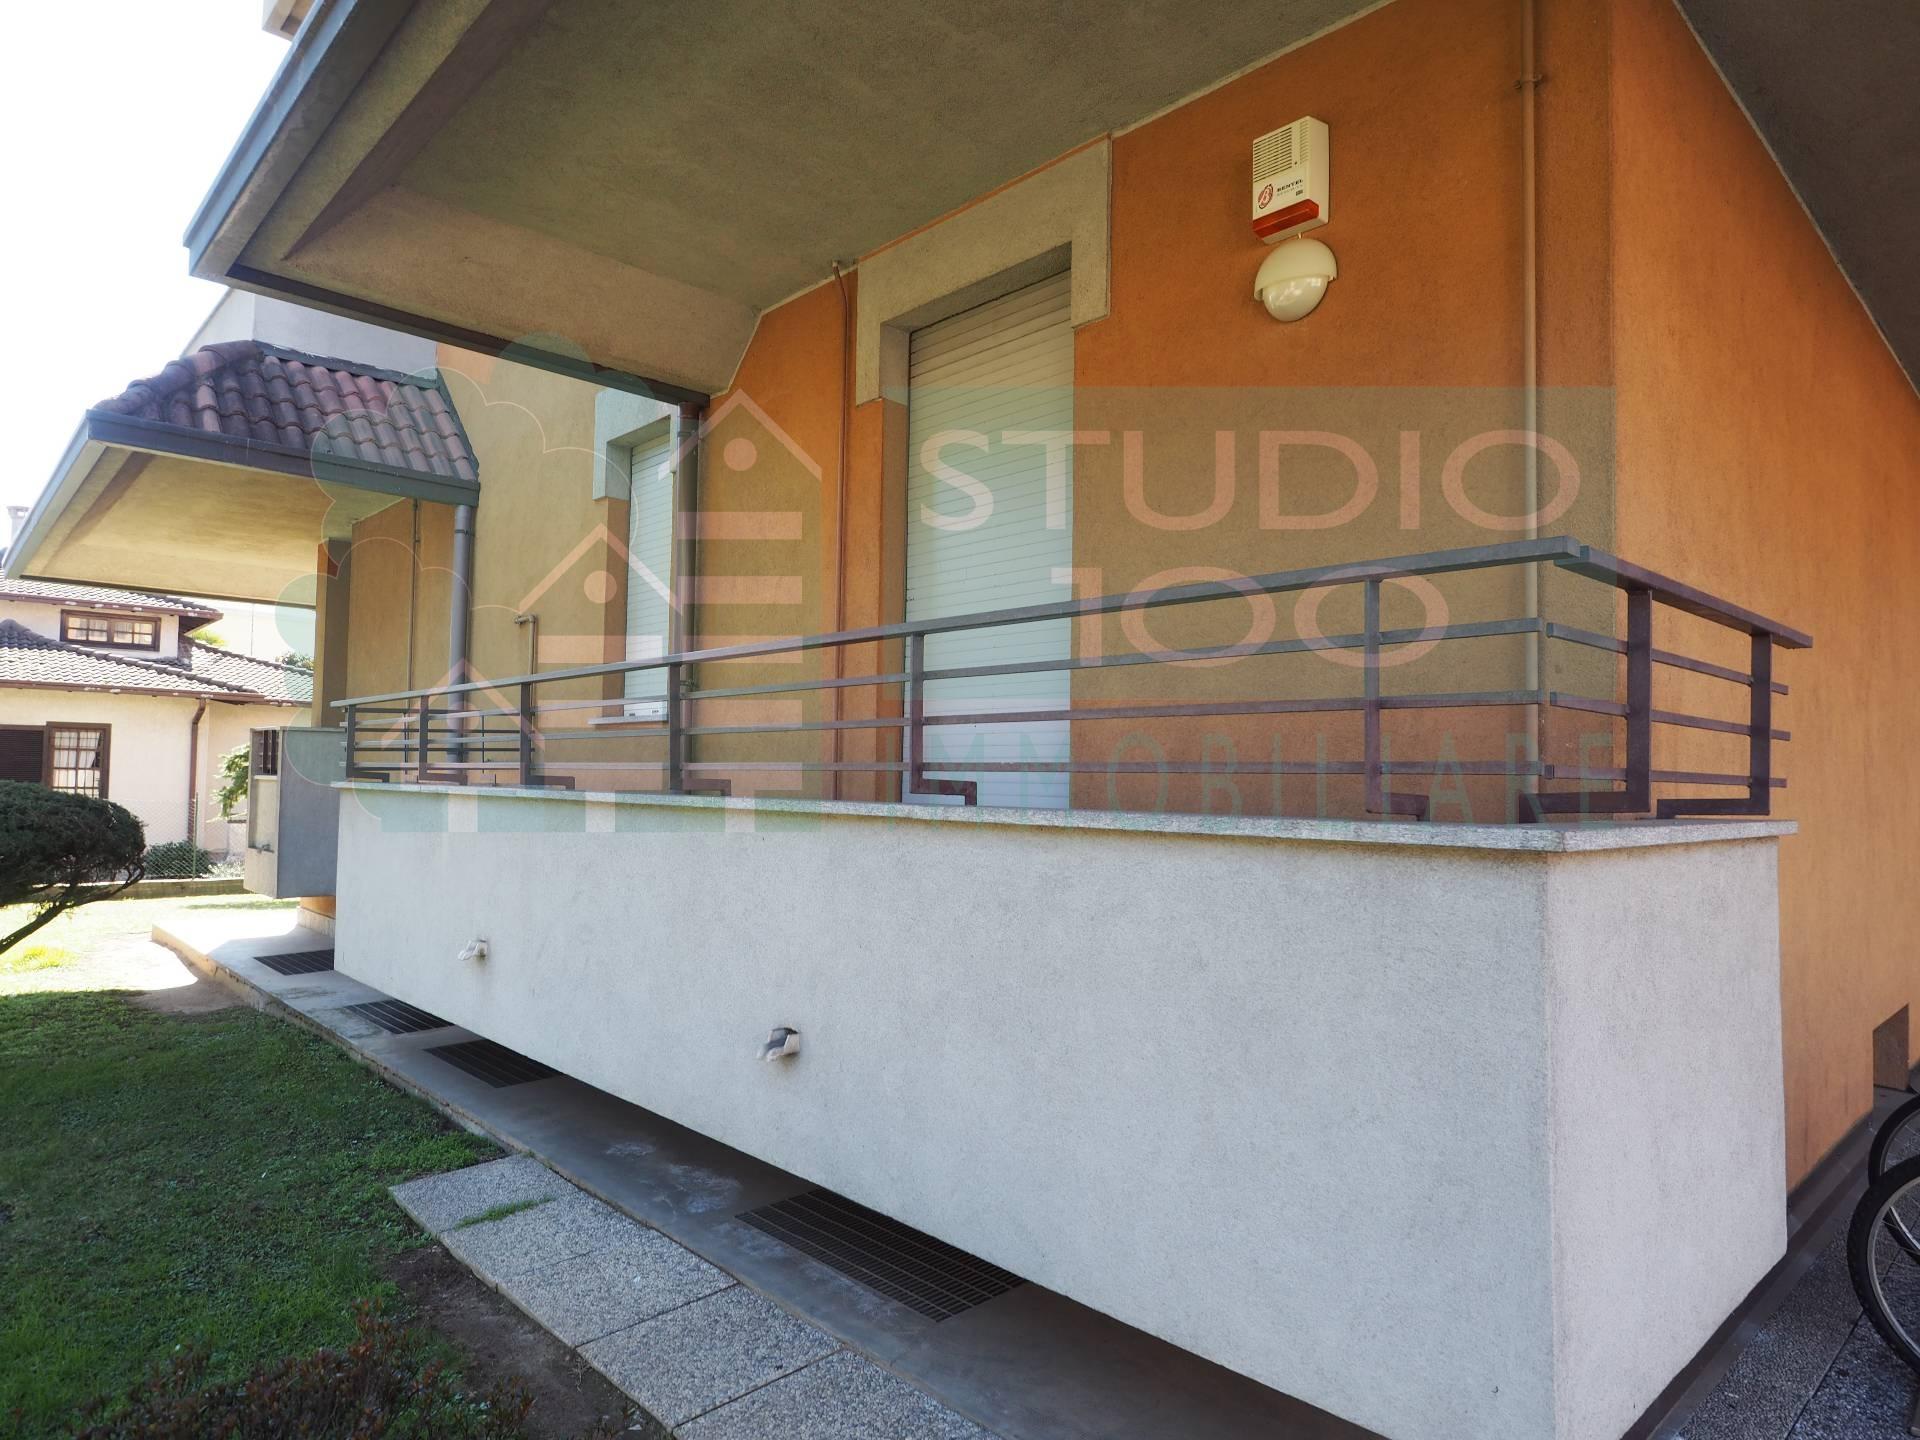 Appartamento in vendita a Casorate Sempione, 4 locali, zona Località: S.Ilario, prezzo € 130.000 | CambioCasa.it